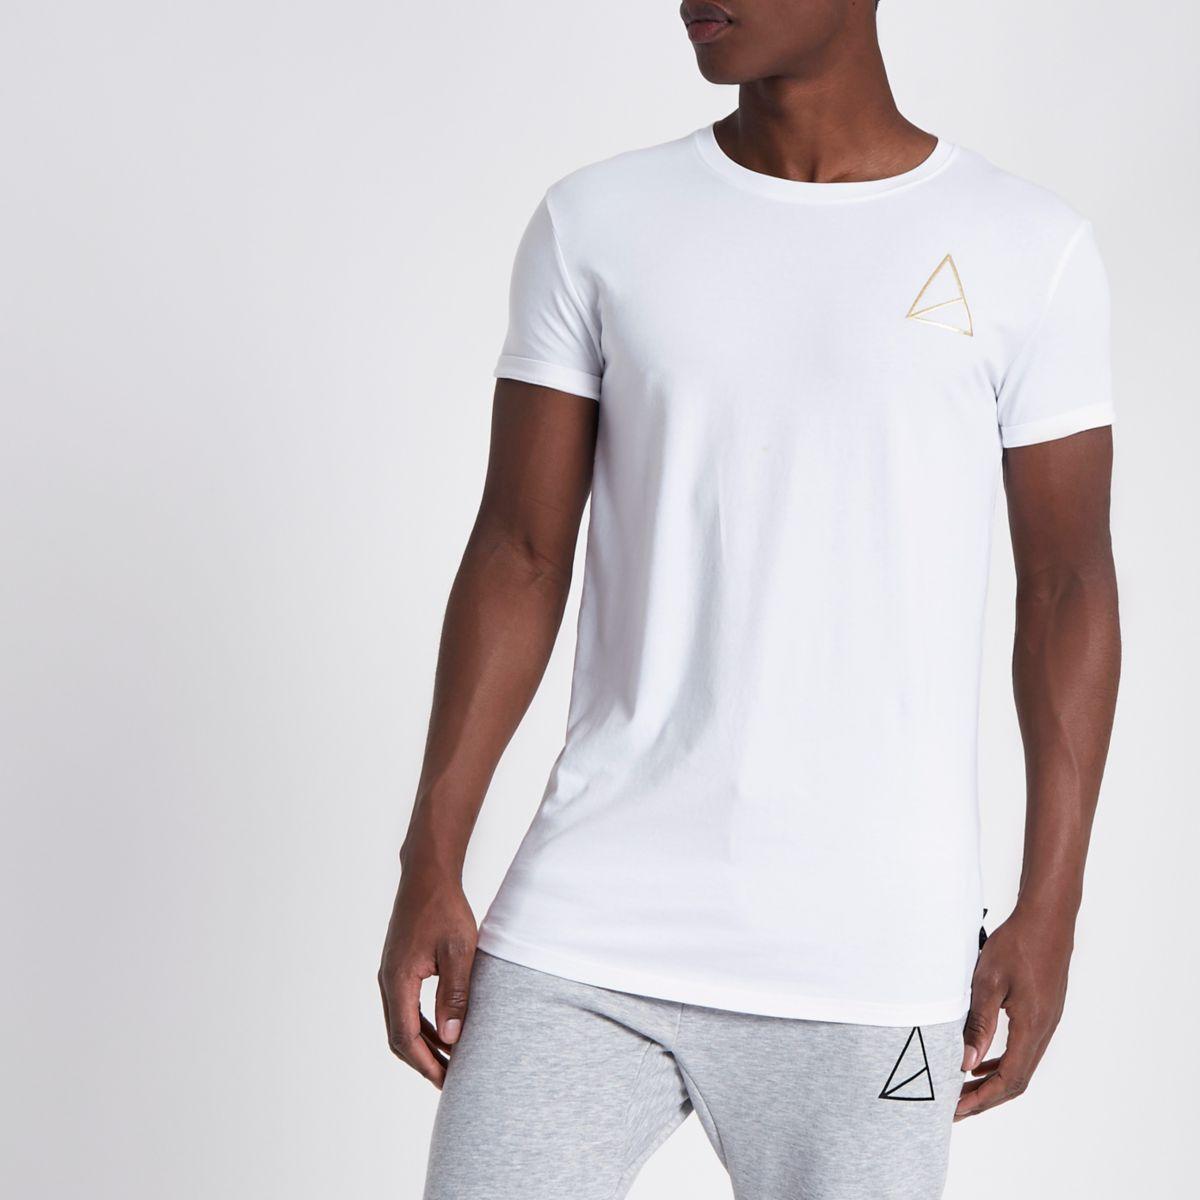 Golden Equation white short sleeve T-shirt